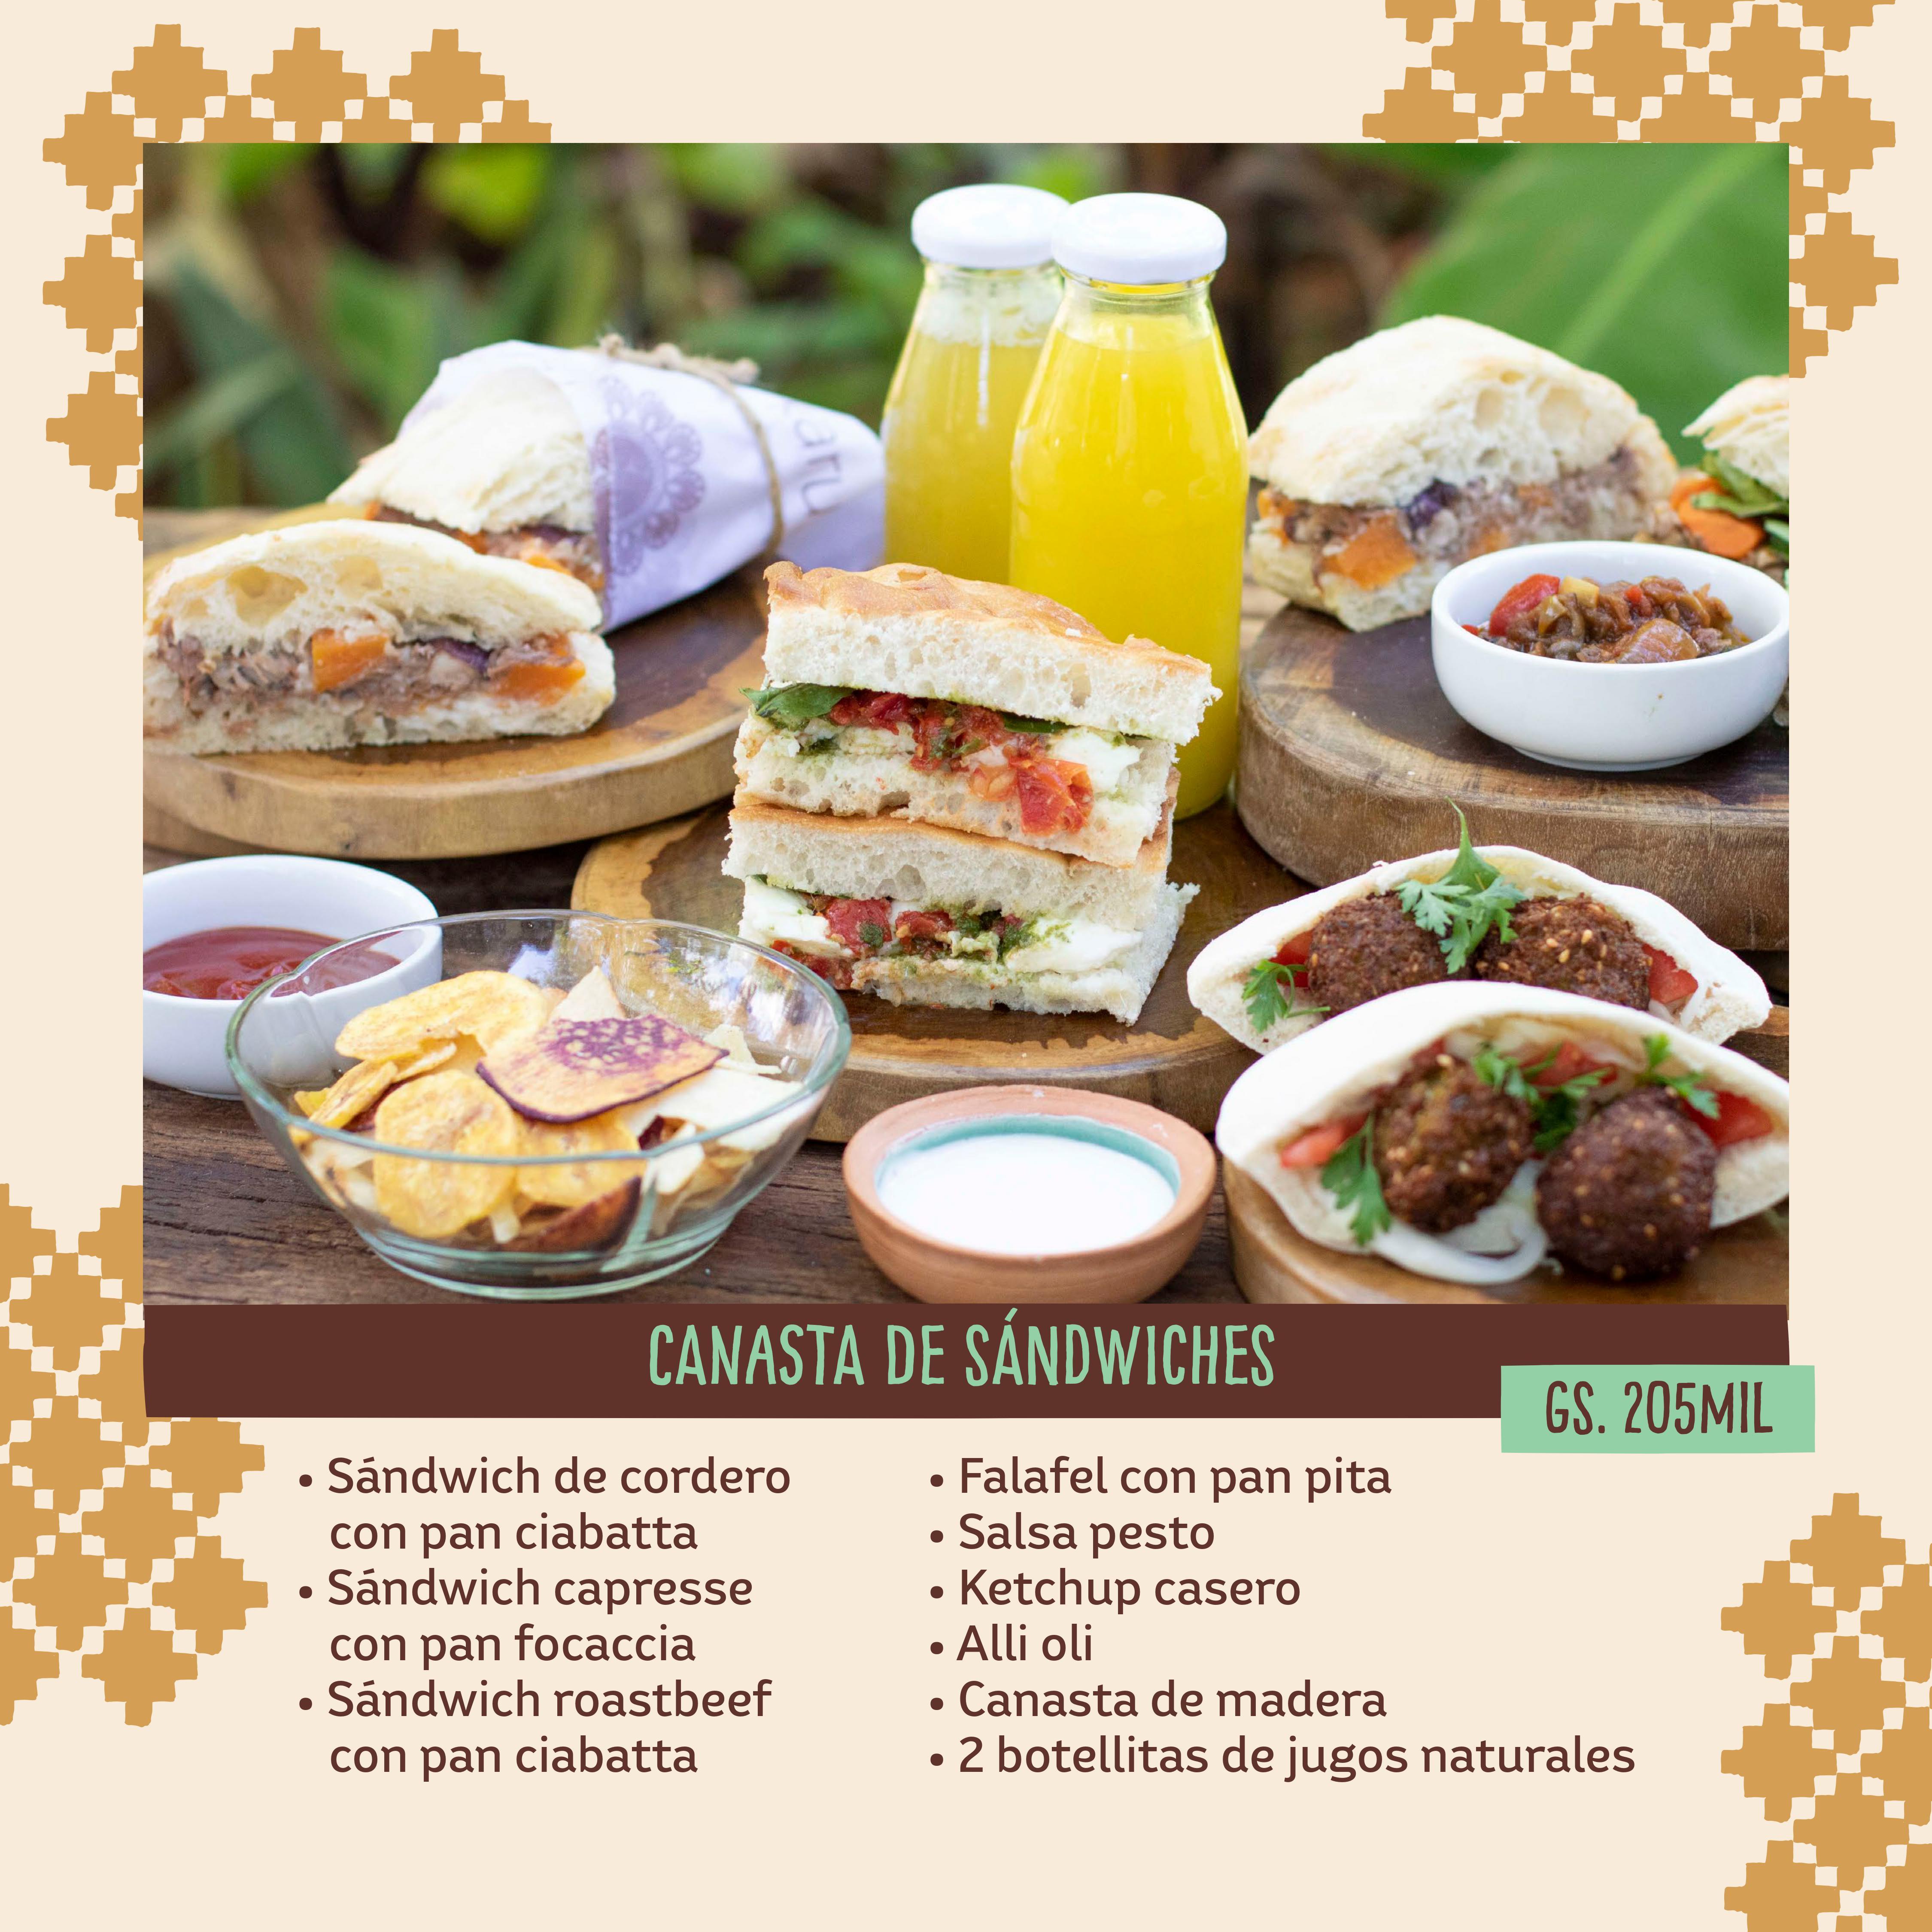 CANASTA DE SANDWICHES